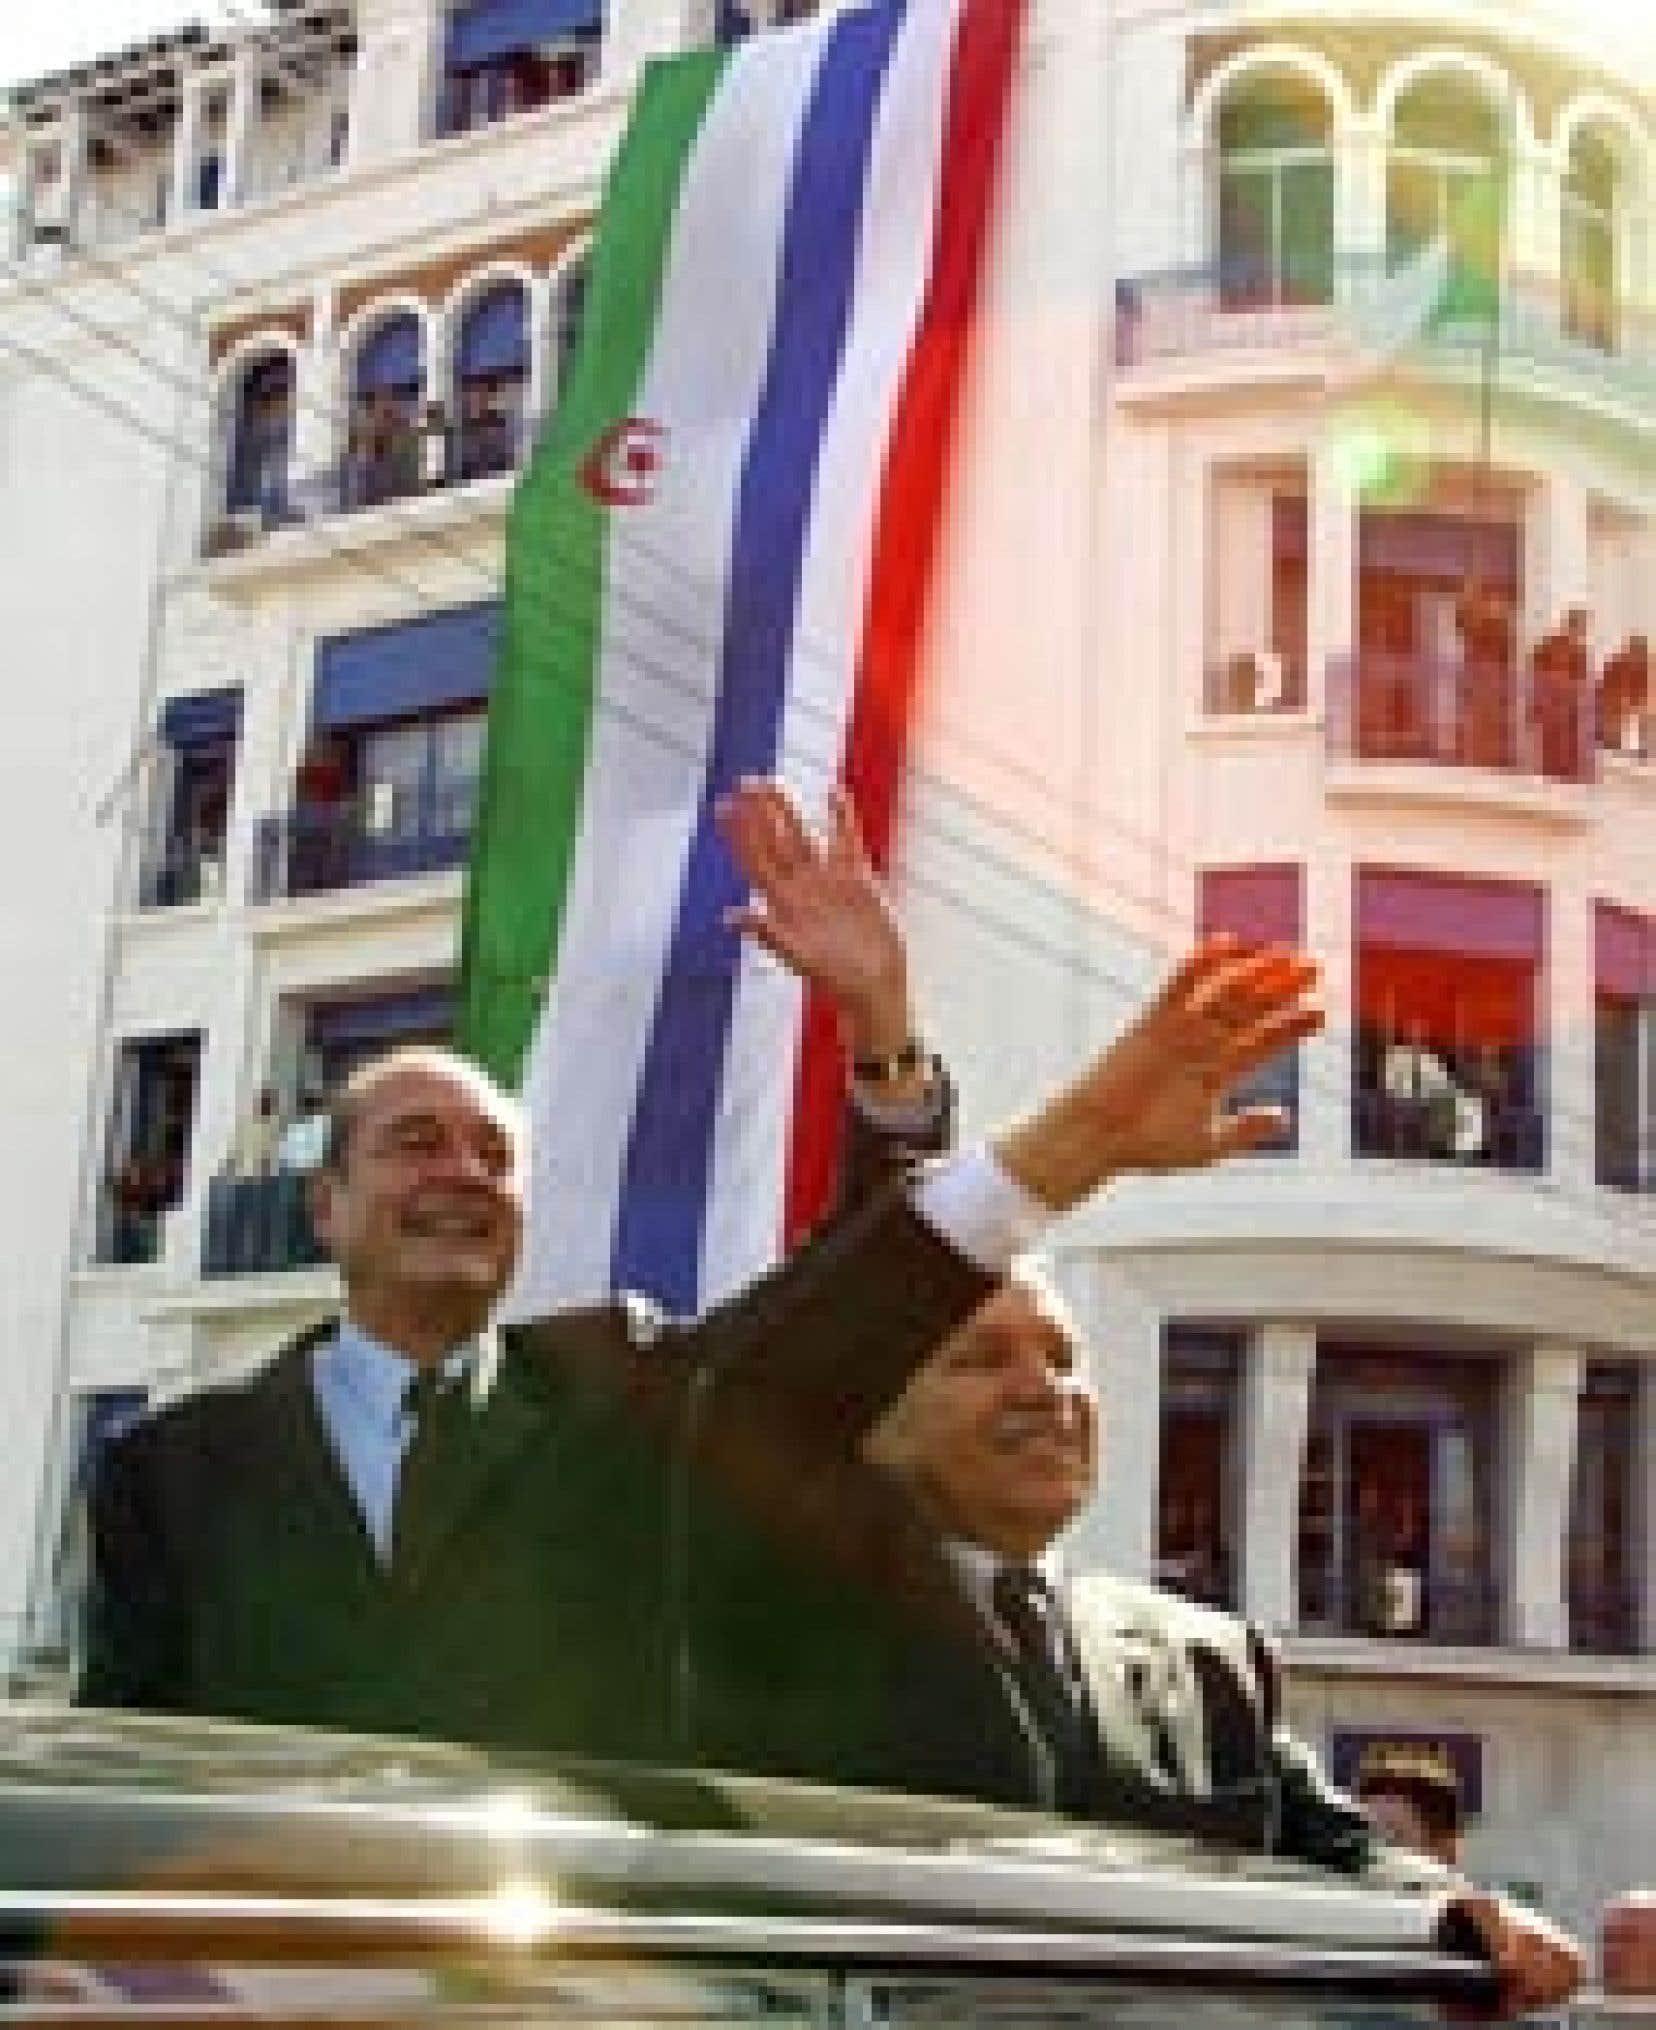 Jacques Chirac à Alger en compagnie du président algérien Abdelaziz Bouteflika: il s'agit de la première visite d'État d'un président français en Algérie depuis l'indépendance de ce pays en 1962. «De grandes retrouvailles», a déclaré